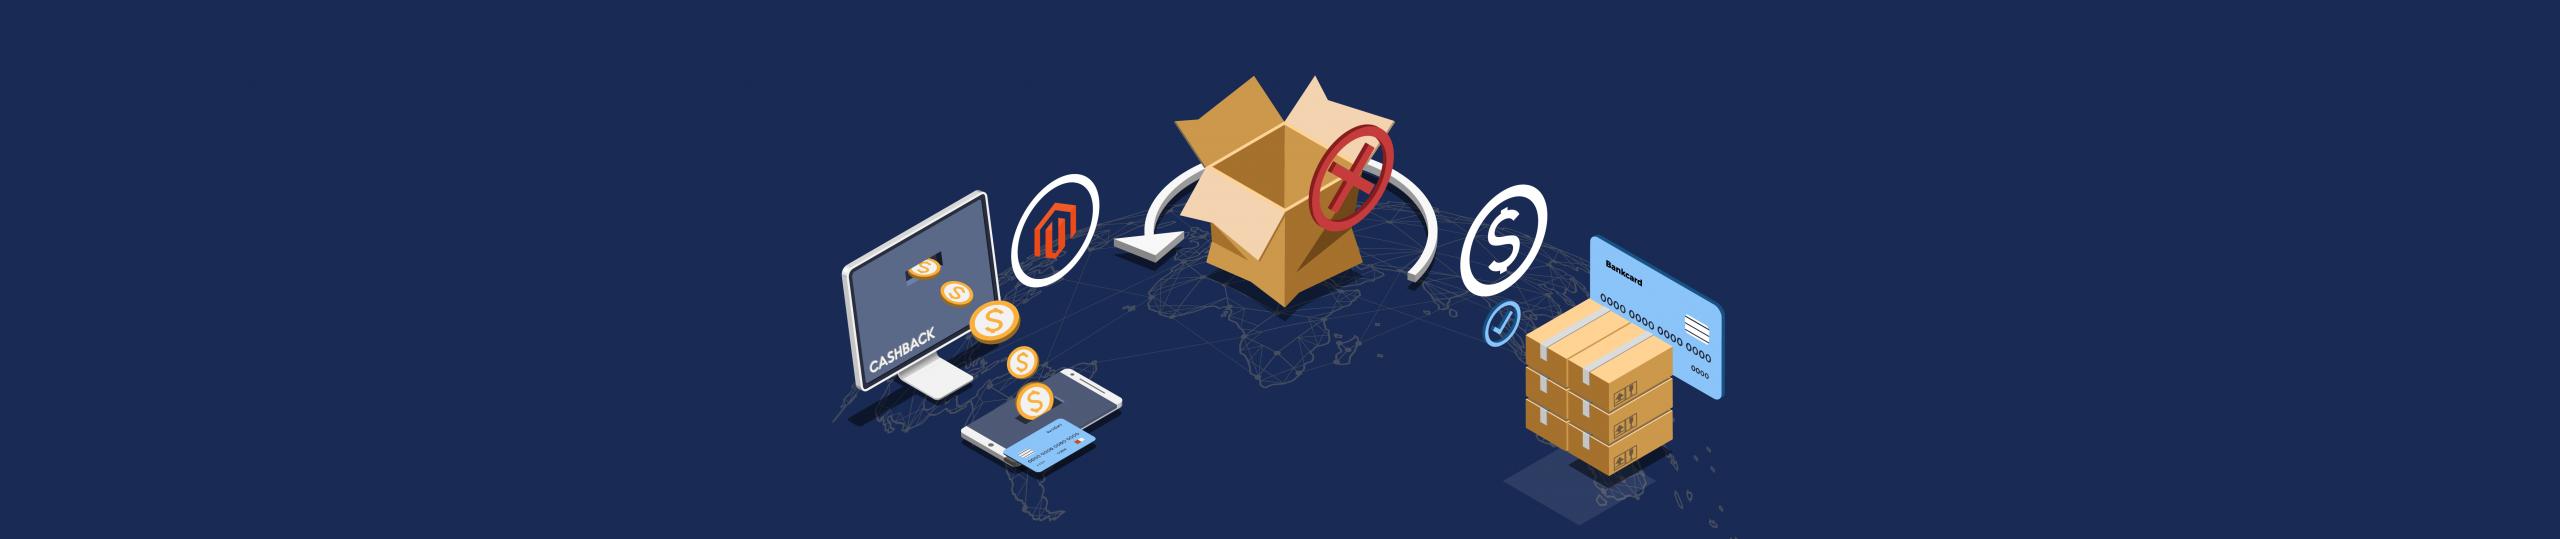 Magento 2 API Issue A Partial Refund